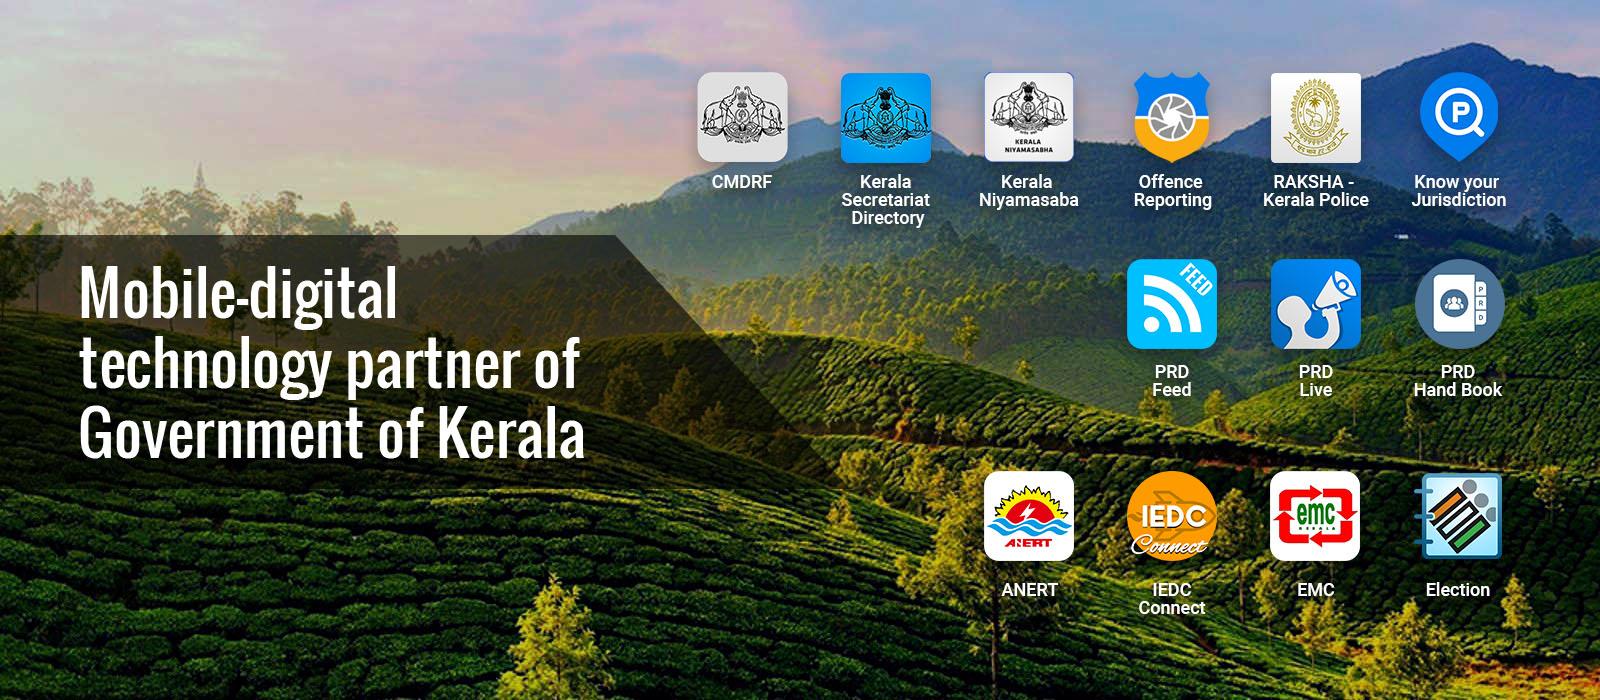 Mobile digital technology patner for Goverment of Kerala